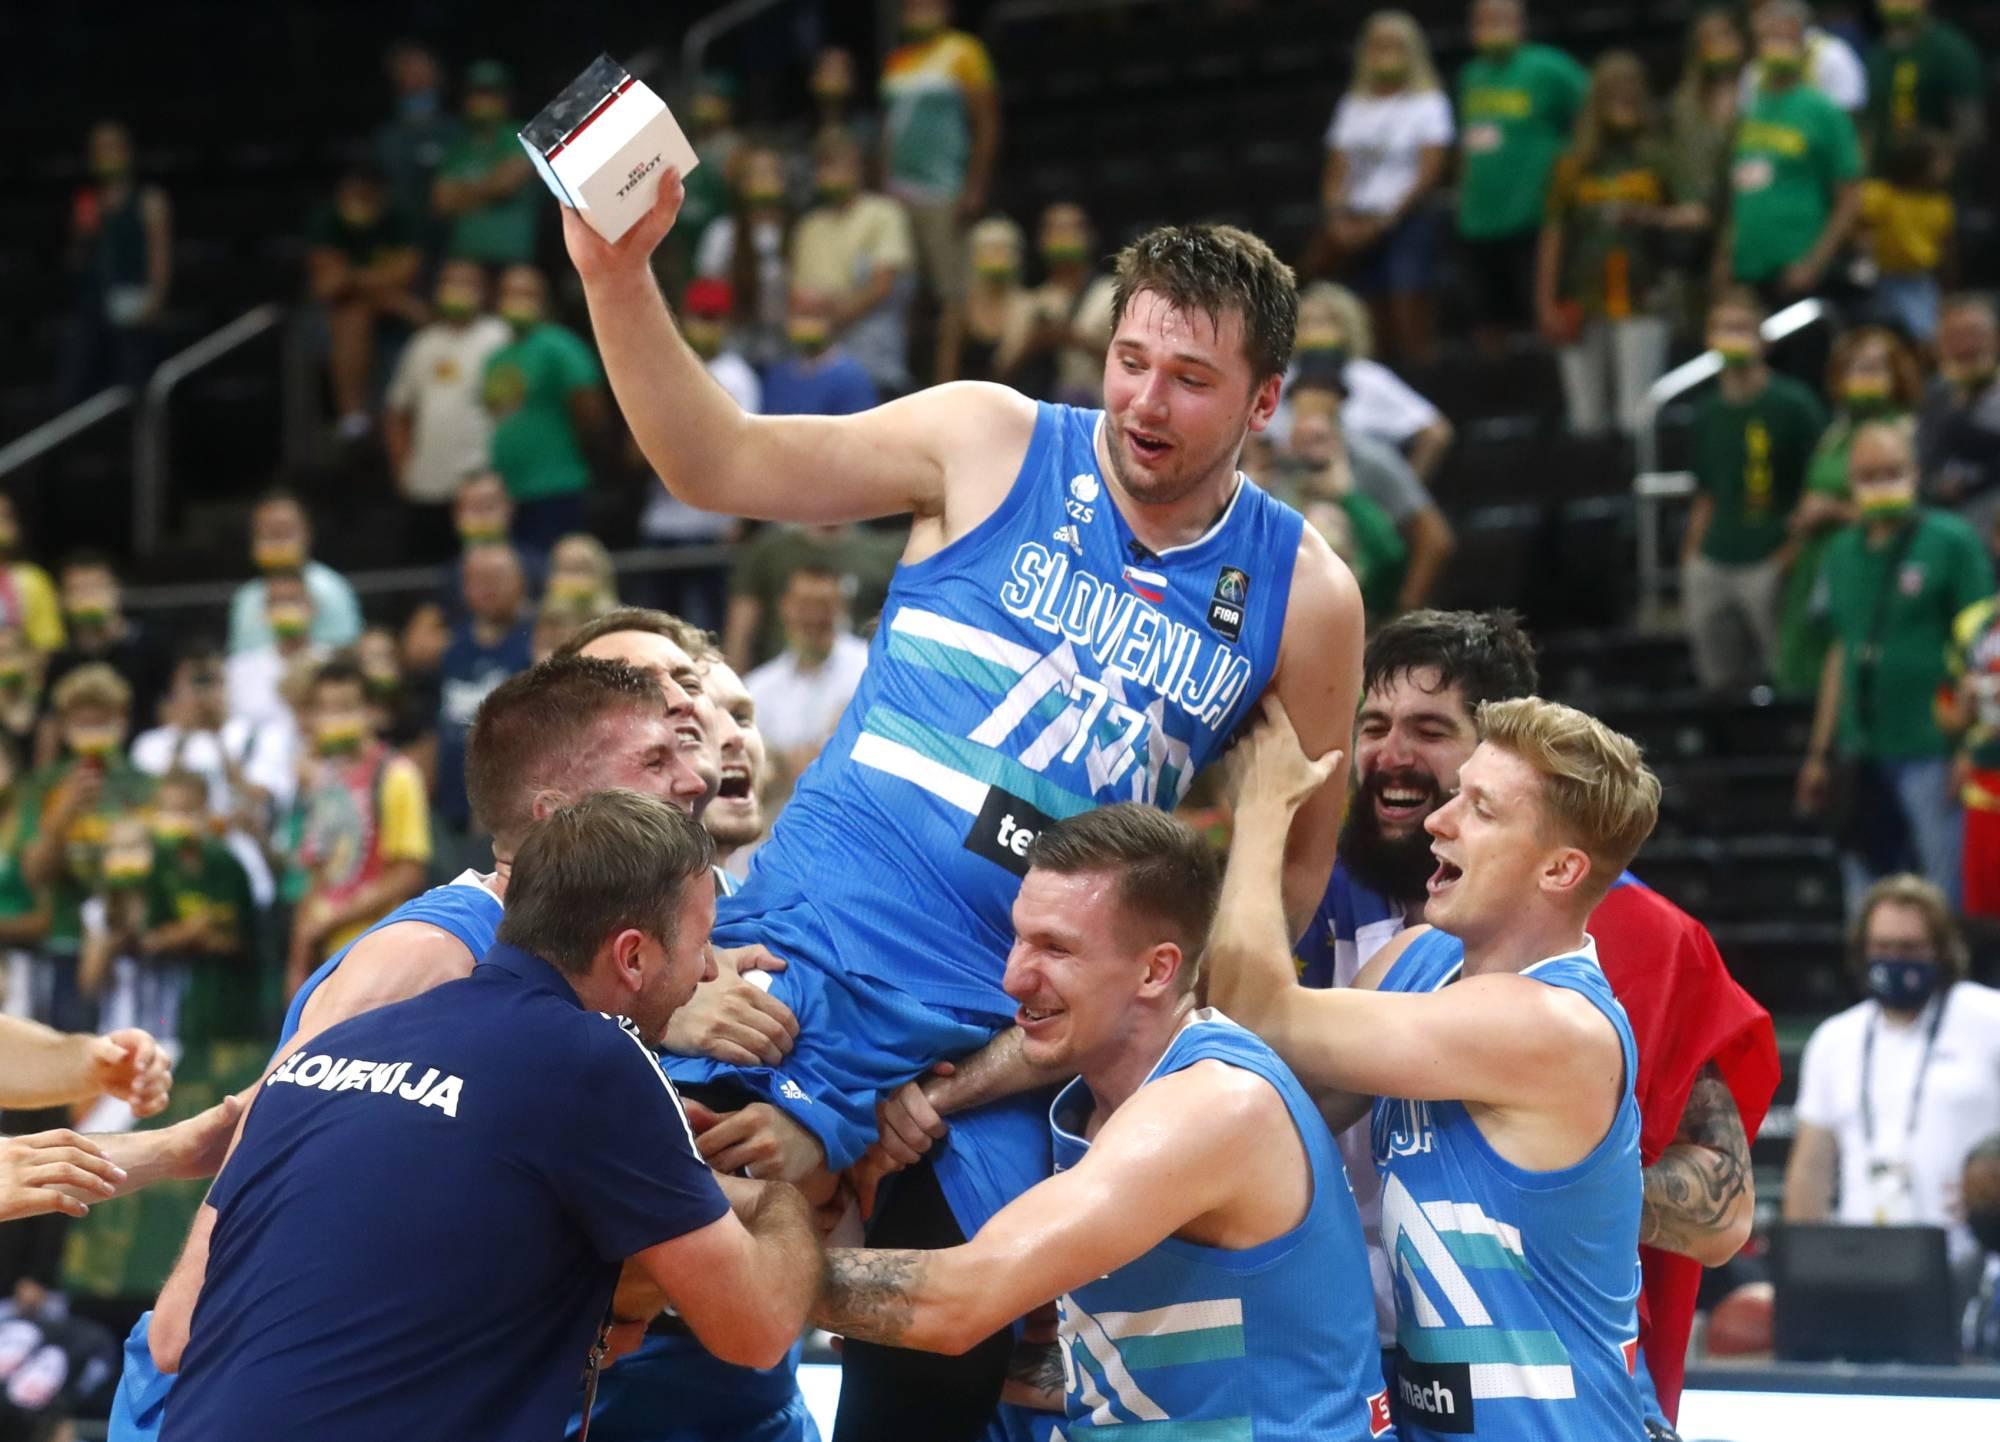 """Trở về sau màn trình diễn ấn tượng ở Olympic, Luka Doncic nhận về bản hợp đồng """"lịch sử"""" tại NBA - Ảnh 2."""